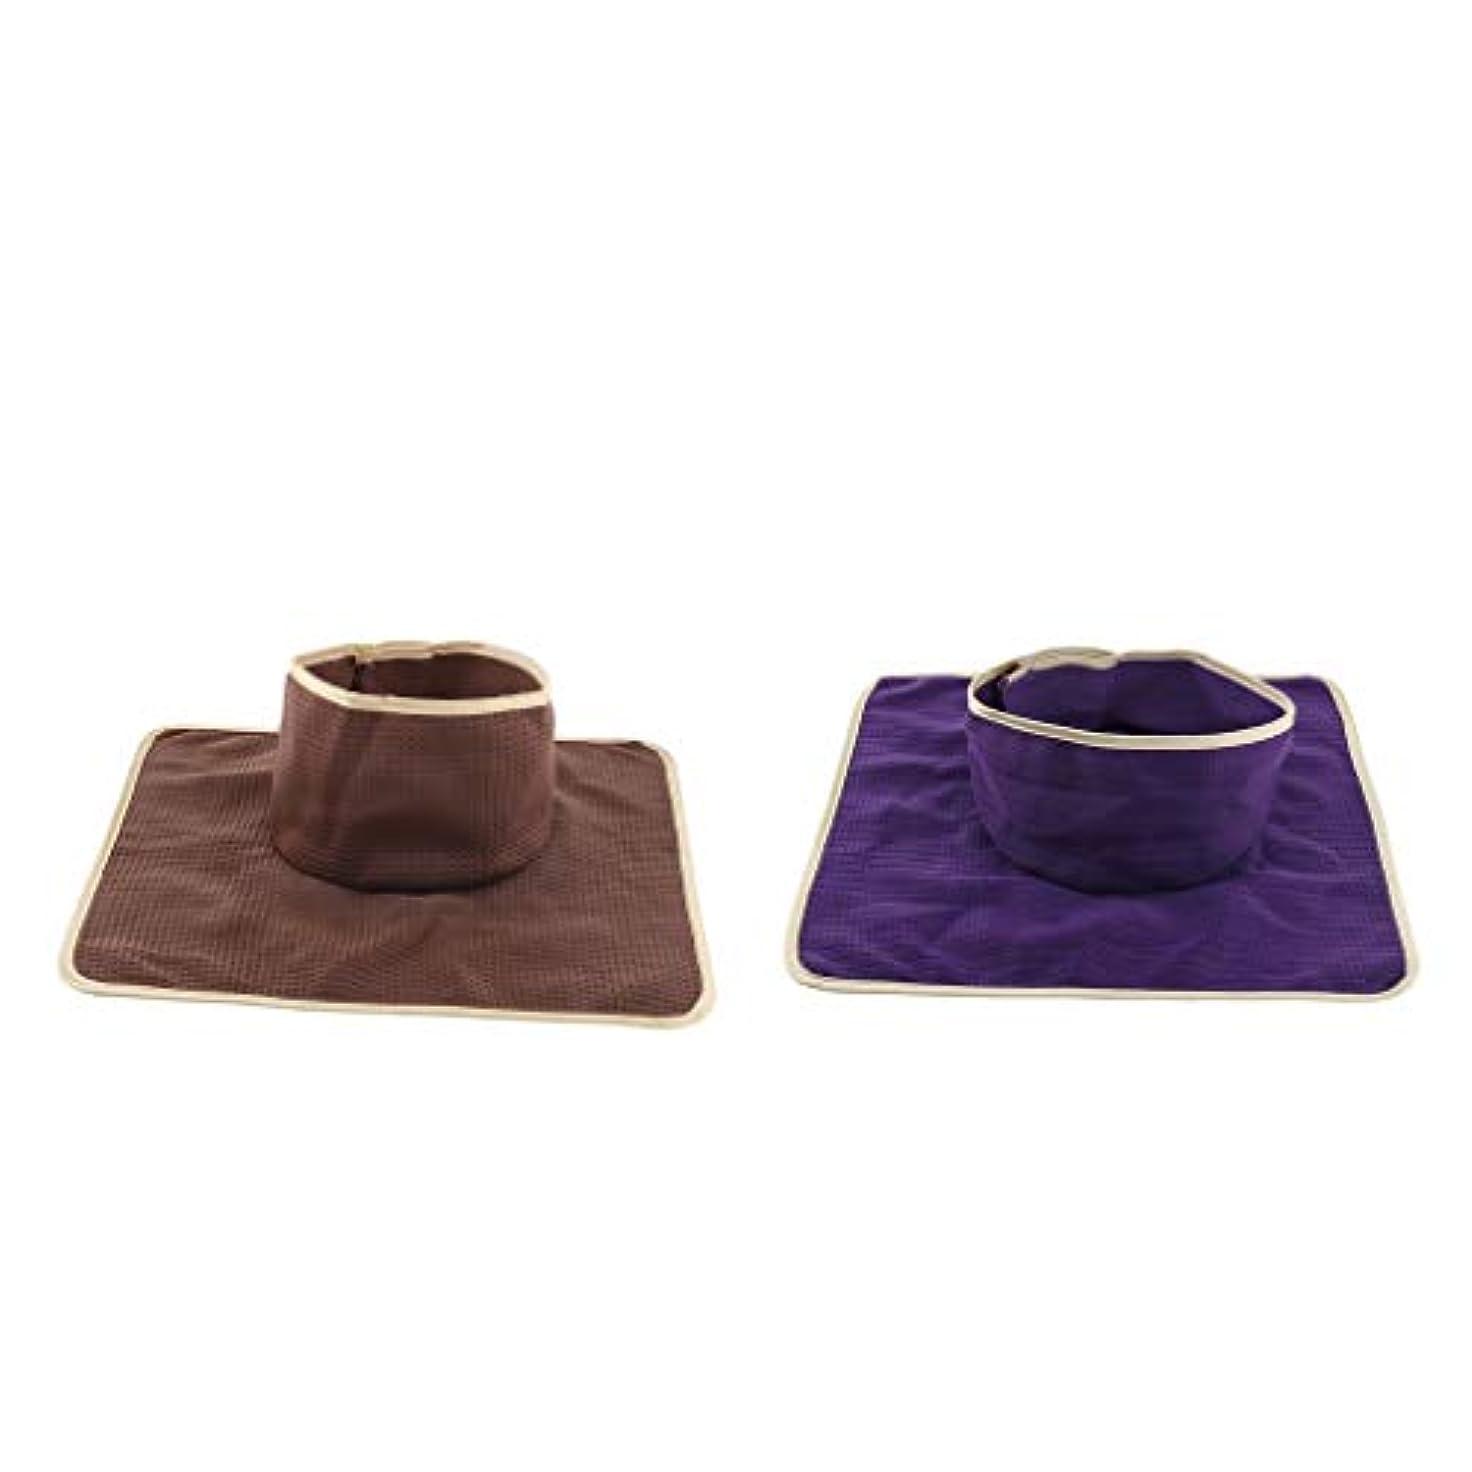 徴収独立したグローフェイスホール付き 2ピース 洗え 再利用可能な マッサージ ベッドタトゥーテーブルシートパッド